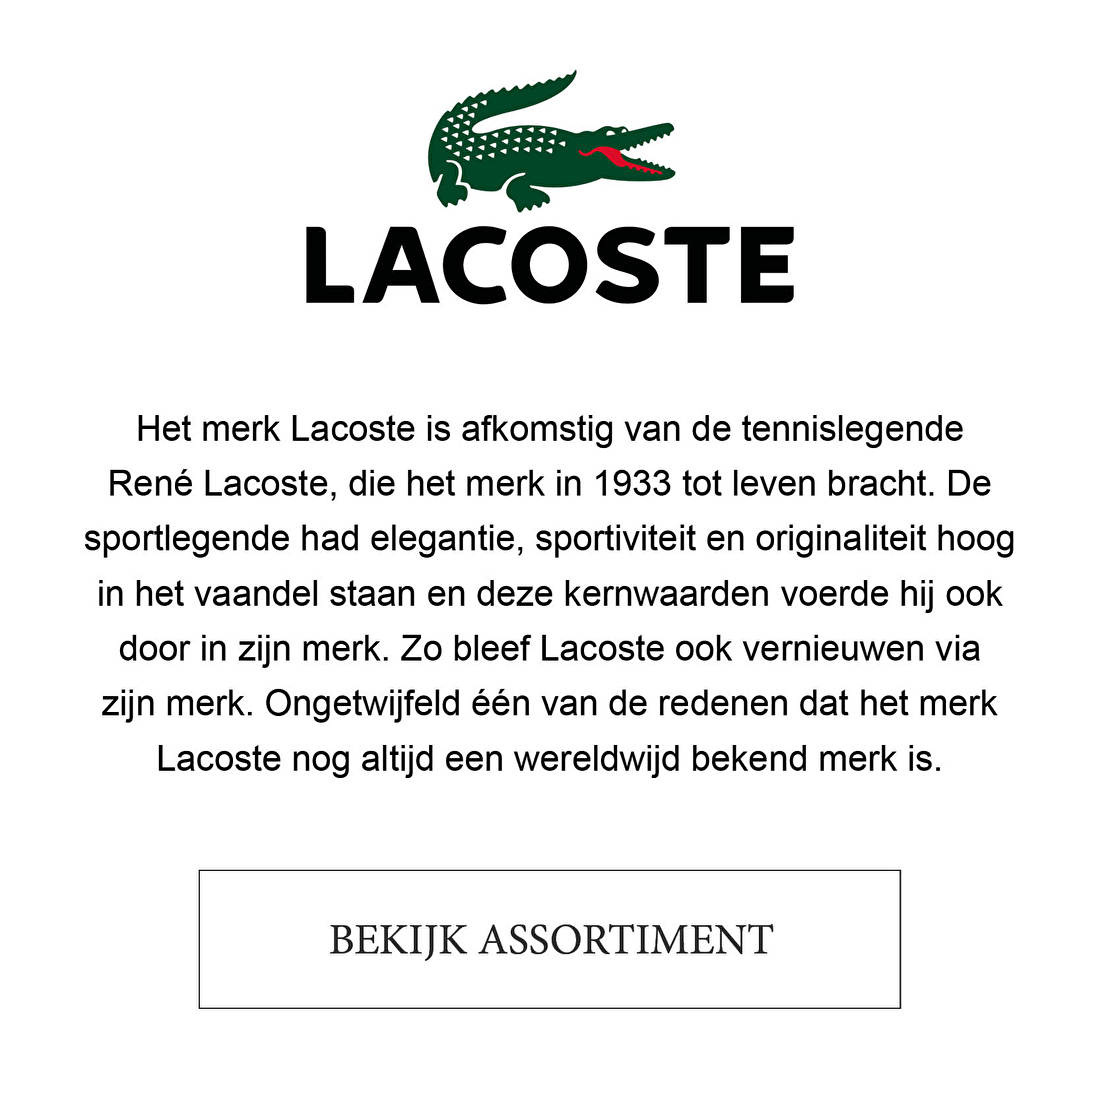 Het merk Lacoste is afkomstig van de tennislegende René Lacoste, die het merk in 1933 tot leven bracht. De sportlegende had elegantie, sportiviteit en originaliteit hoog in het vaandel staan en deze kernwaarden voerde hij ook door in zijn merk. Zo bleef Lacoste ook vernieuwen via zijn merk. Ongetwijfeld één van de redenen dat het merk Lacoste nog altijd een wereldwijd bekend merk is.